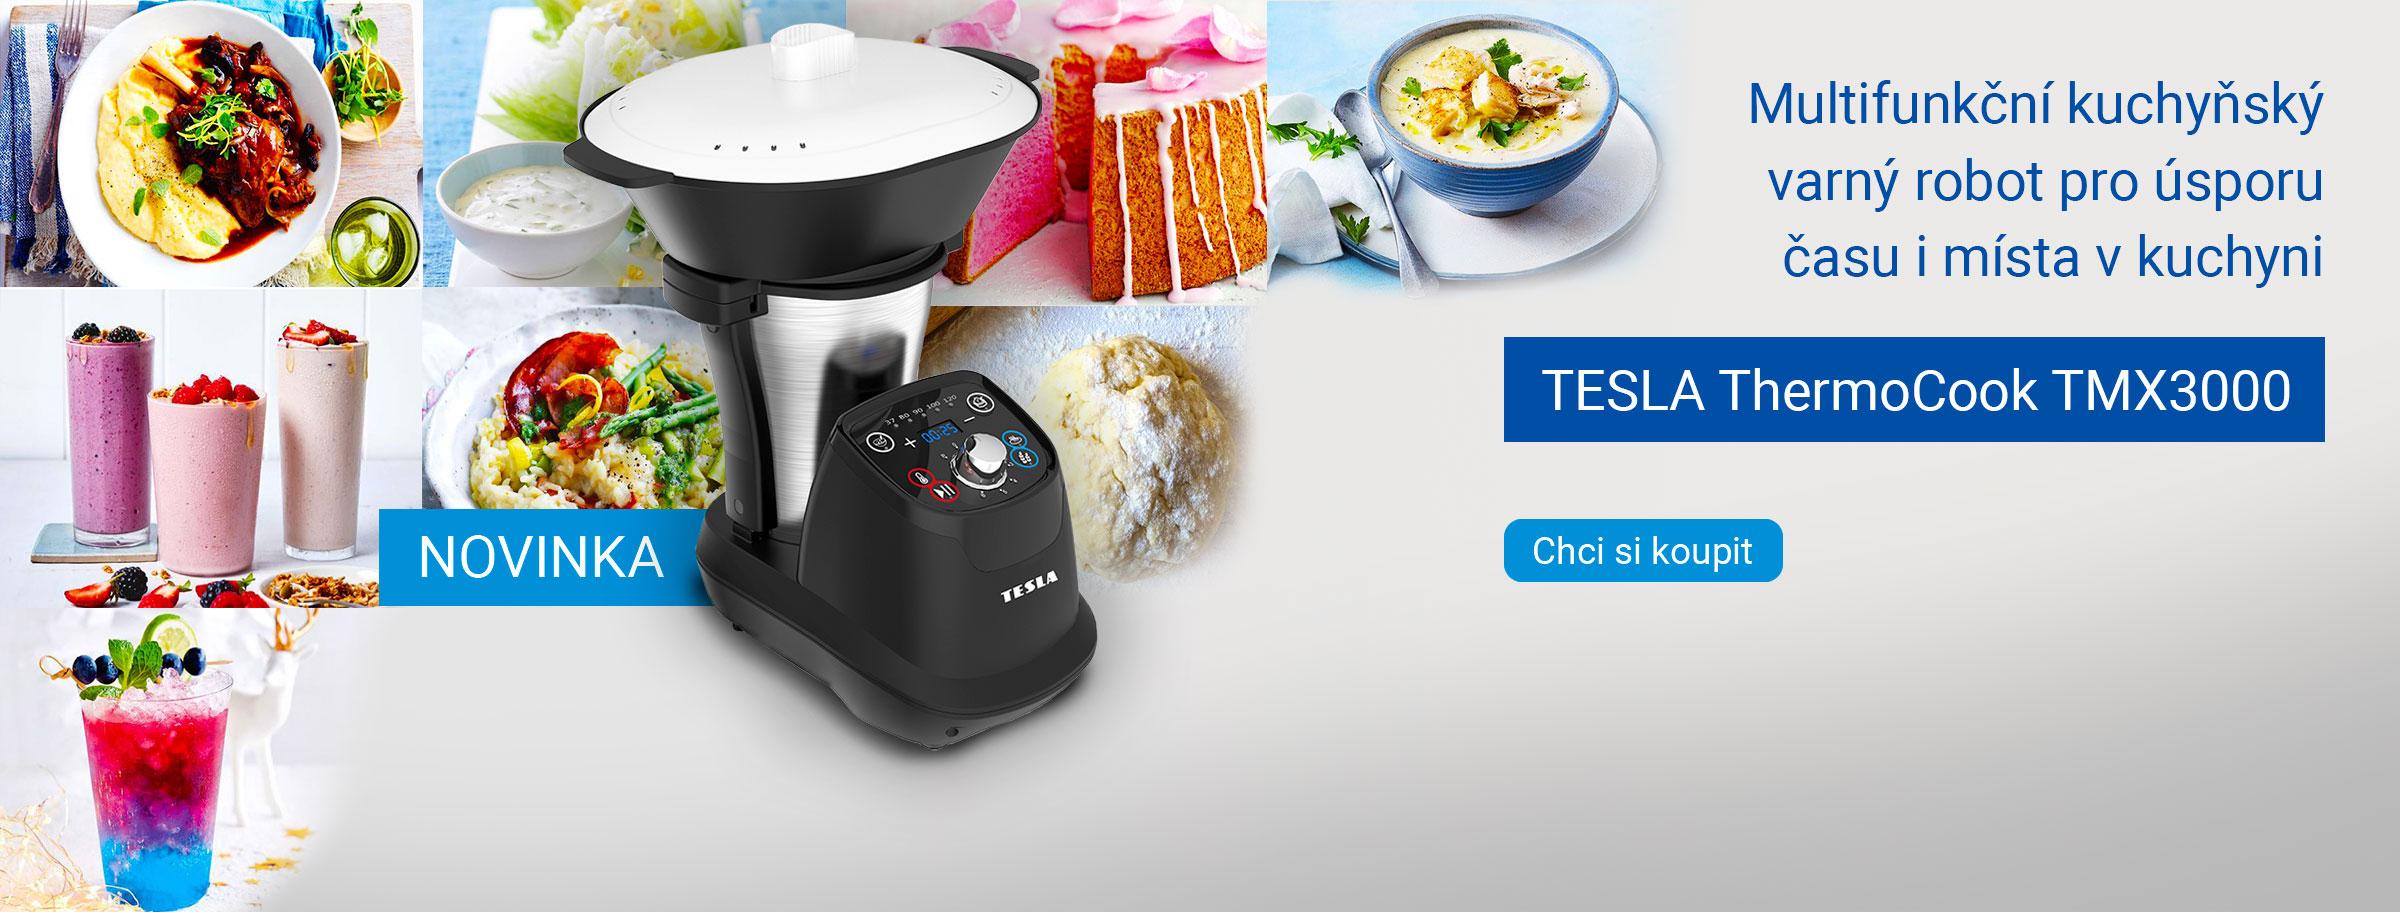 Novinka: TESLA ThermoCook TMX3000 - multifunkční kuchyňský varný robot